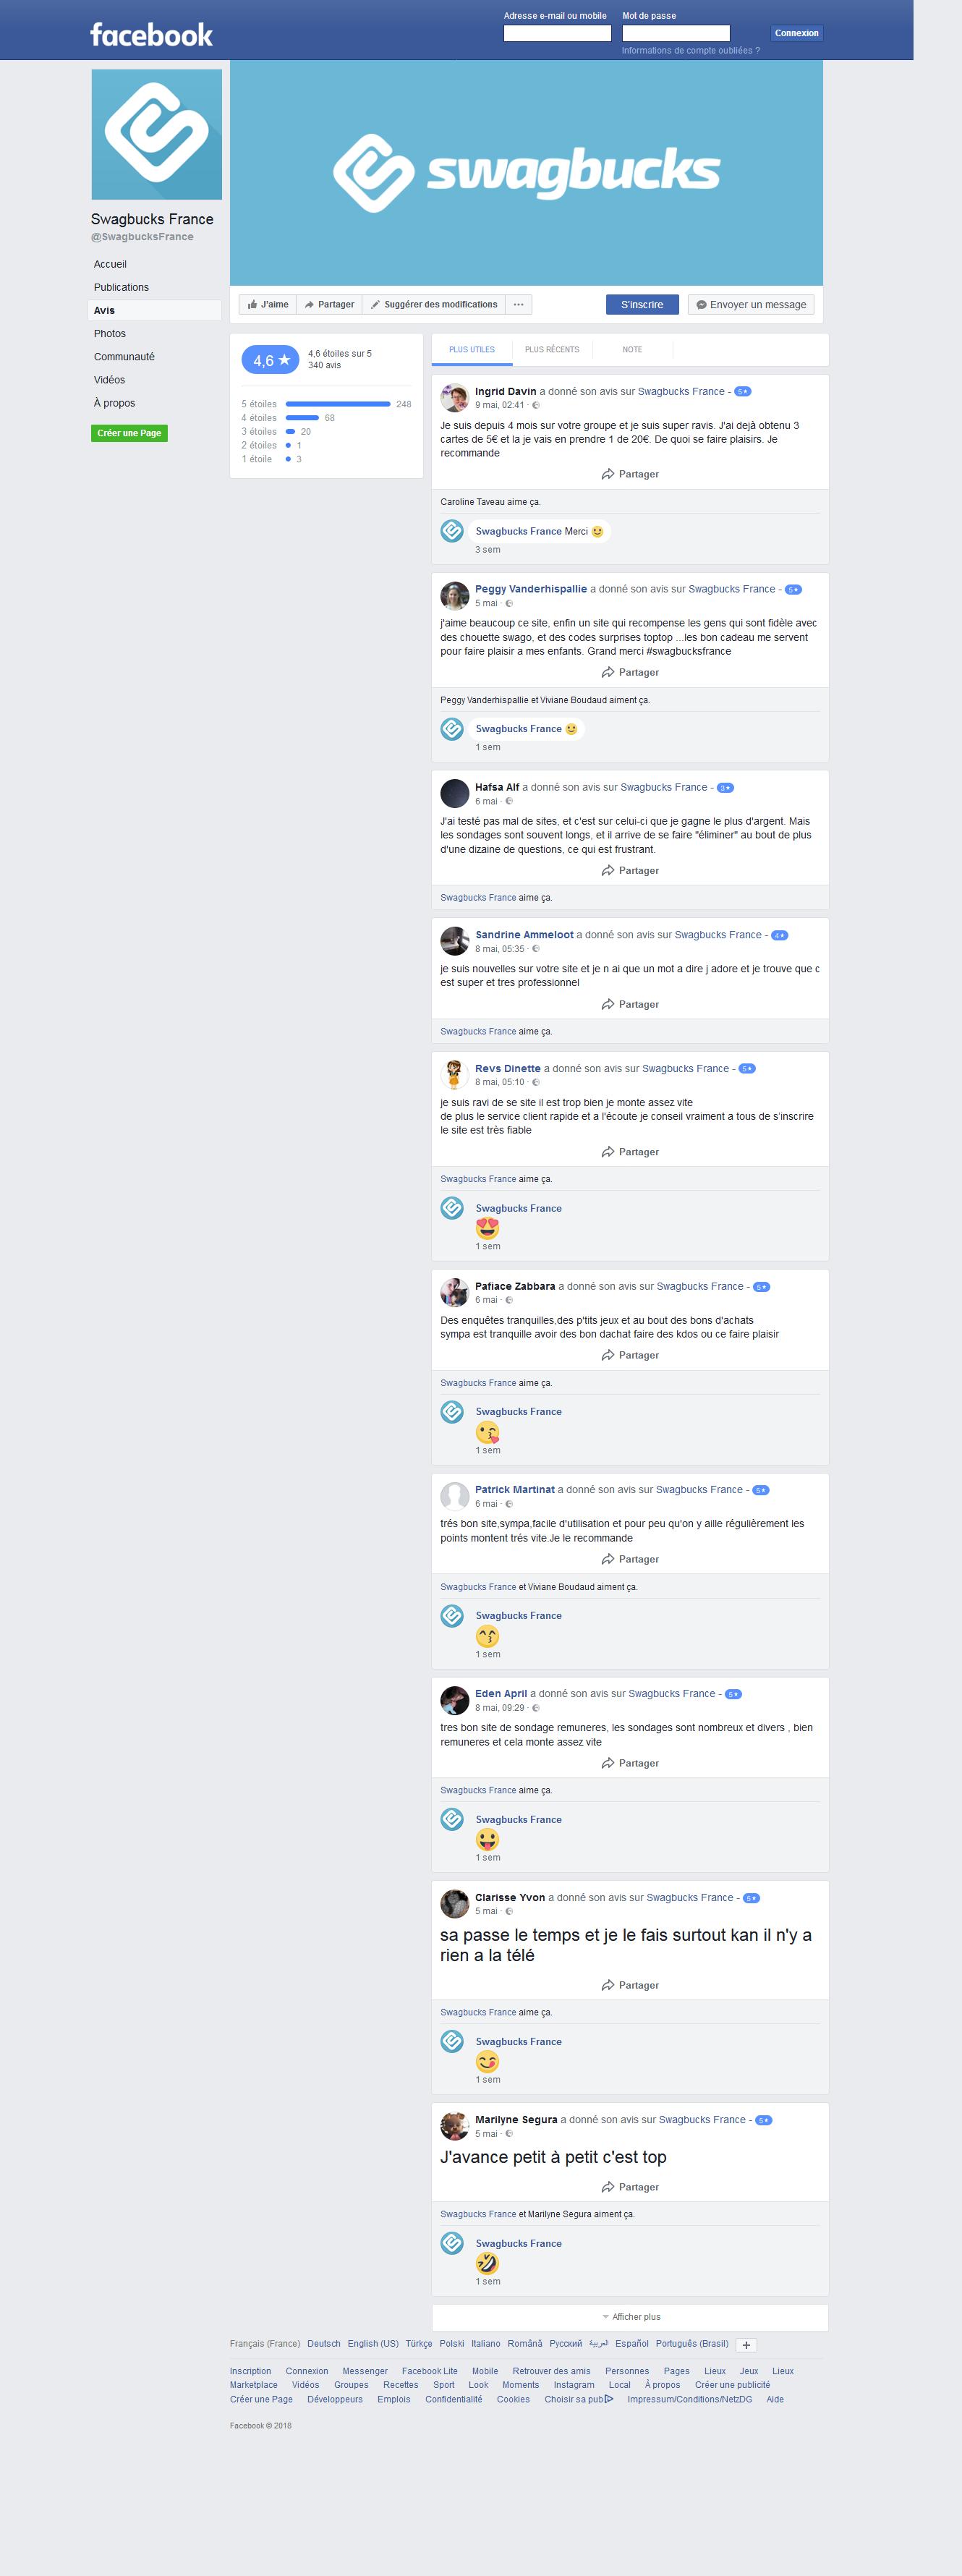 Les témoignages sur la page Facebook de Swagbucks France